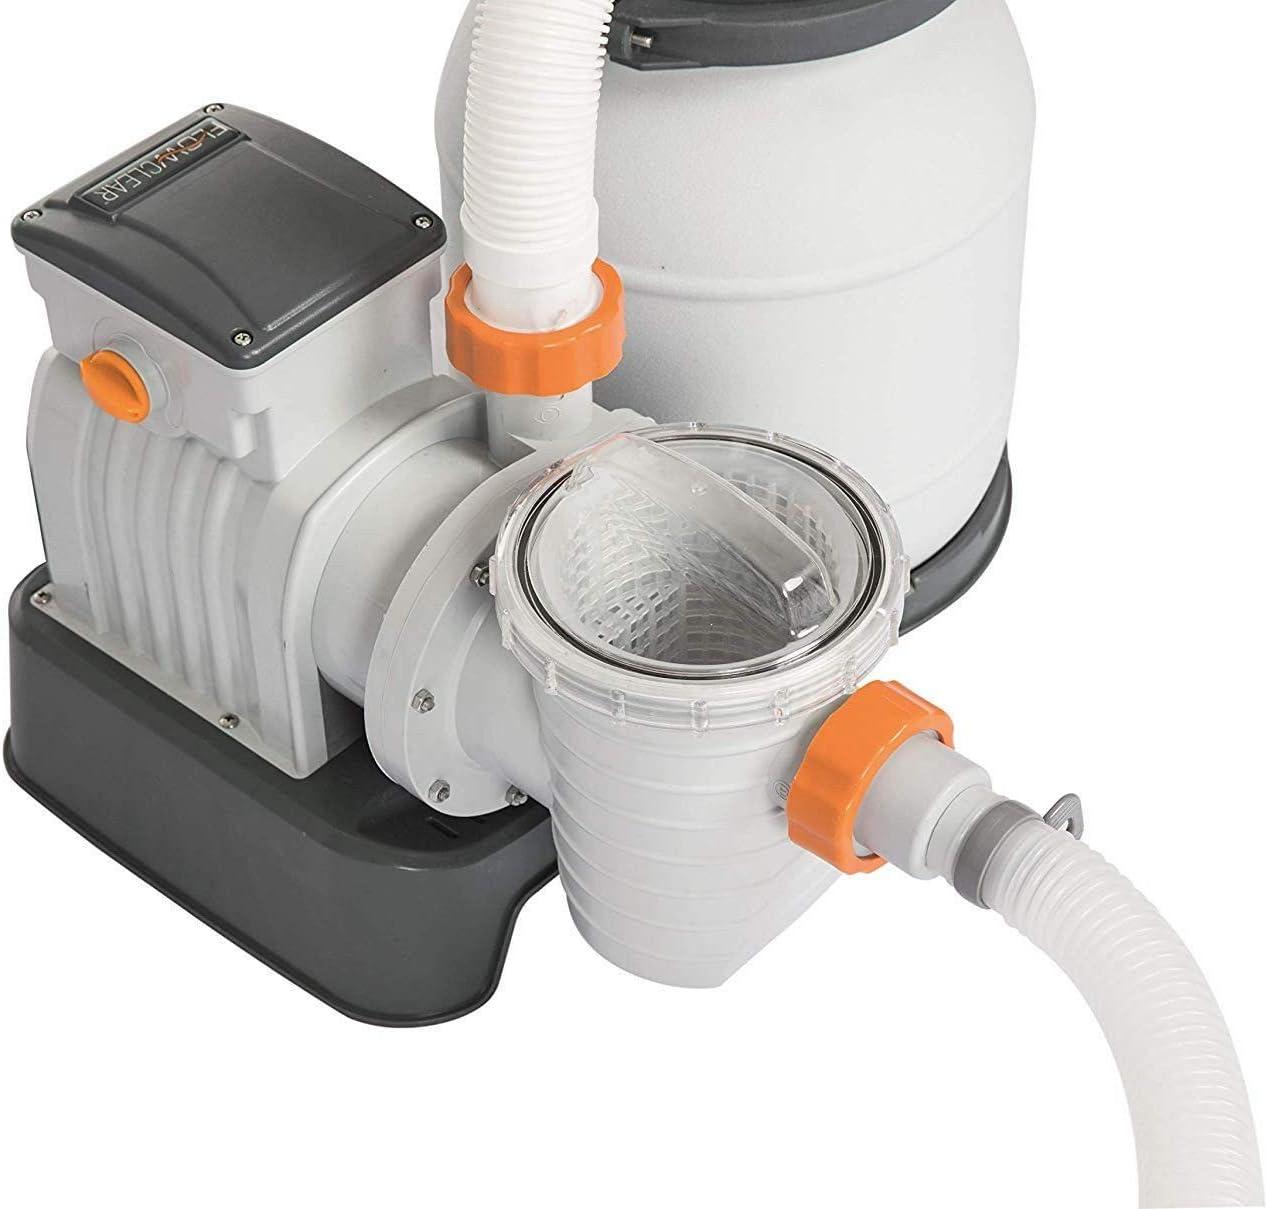 Bestway Pompe Filtre A Sable 3785 Lt H Mod 58400 Pour Piscine Cod Ferr 260602 Amazon Fr Cuisine Maison